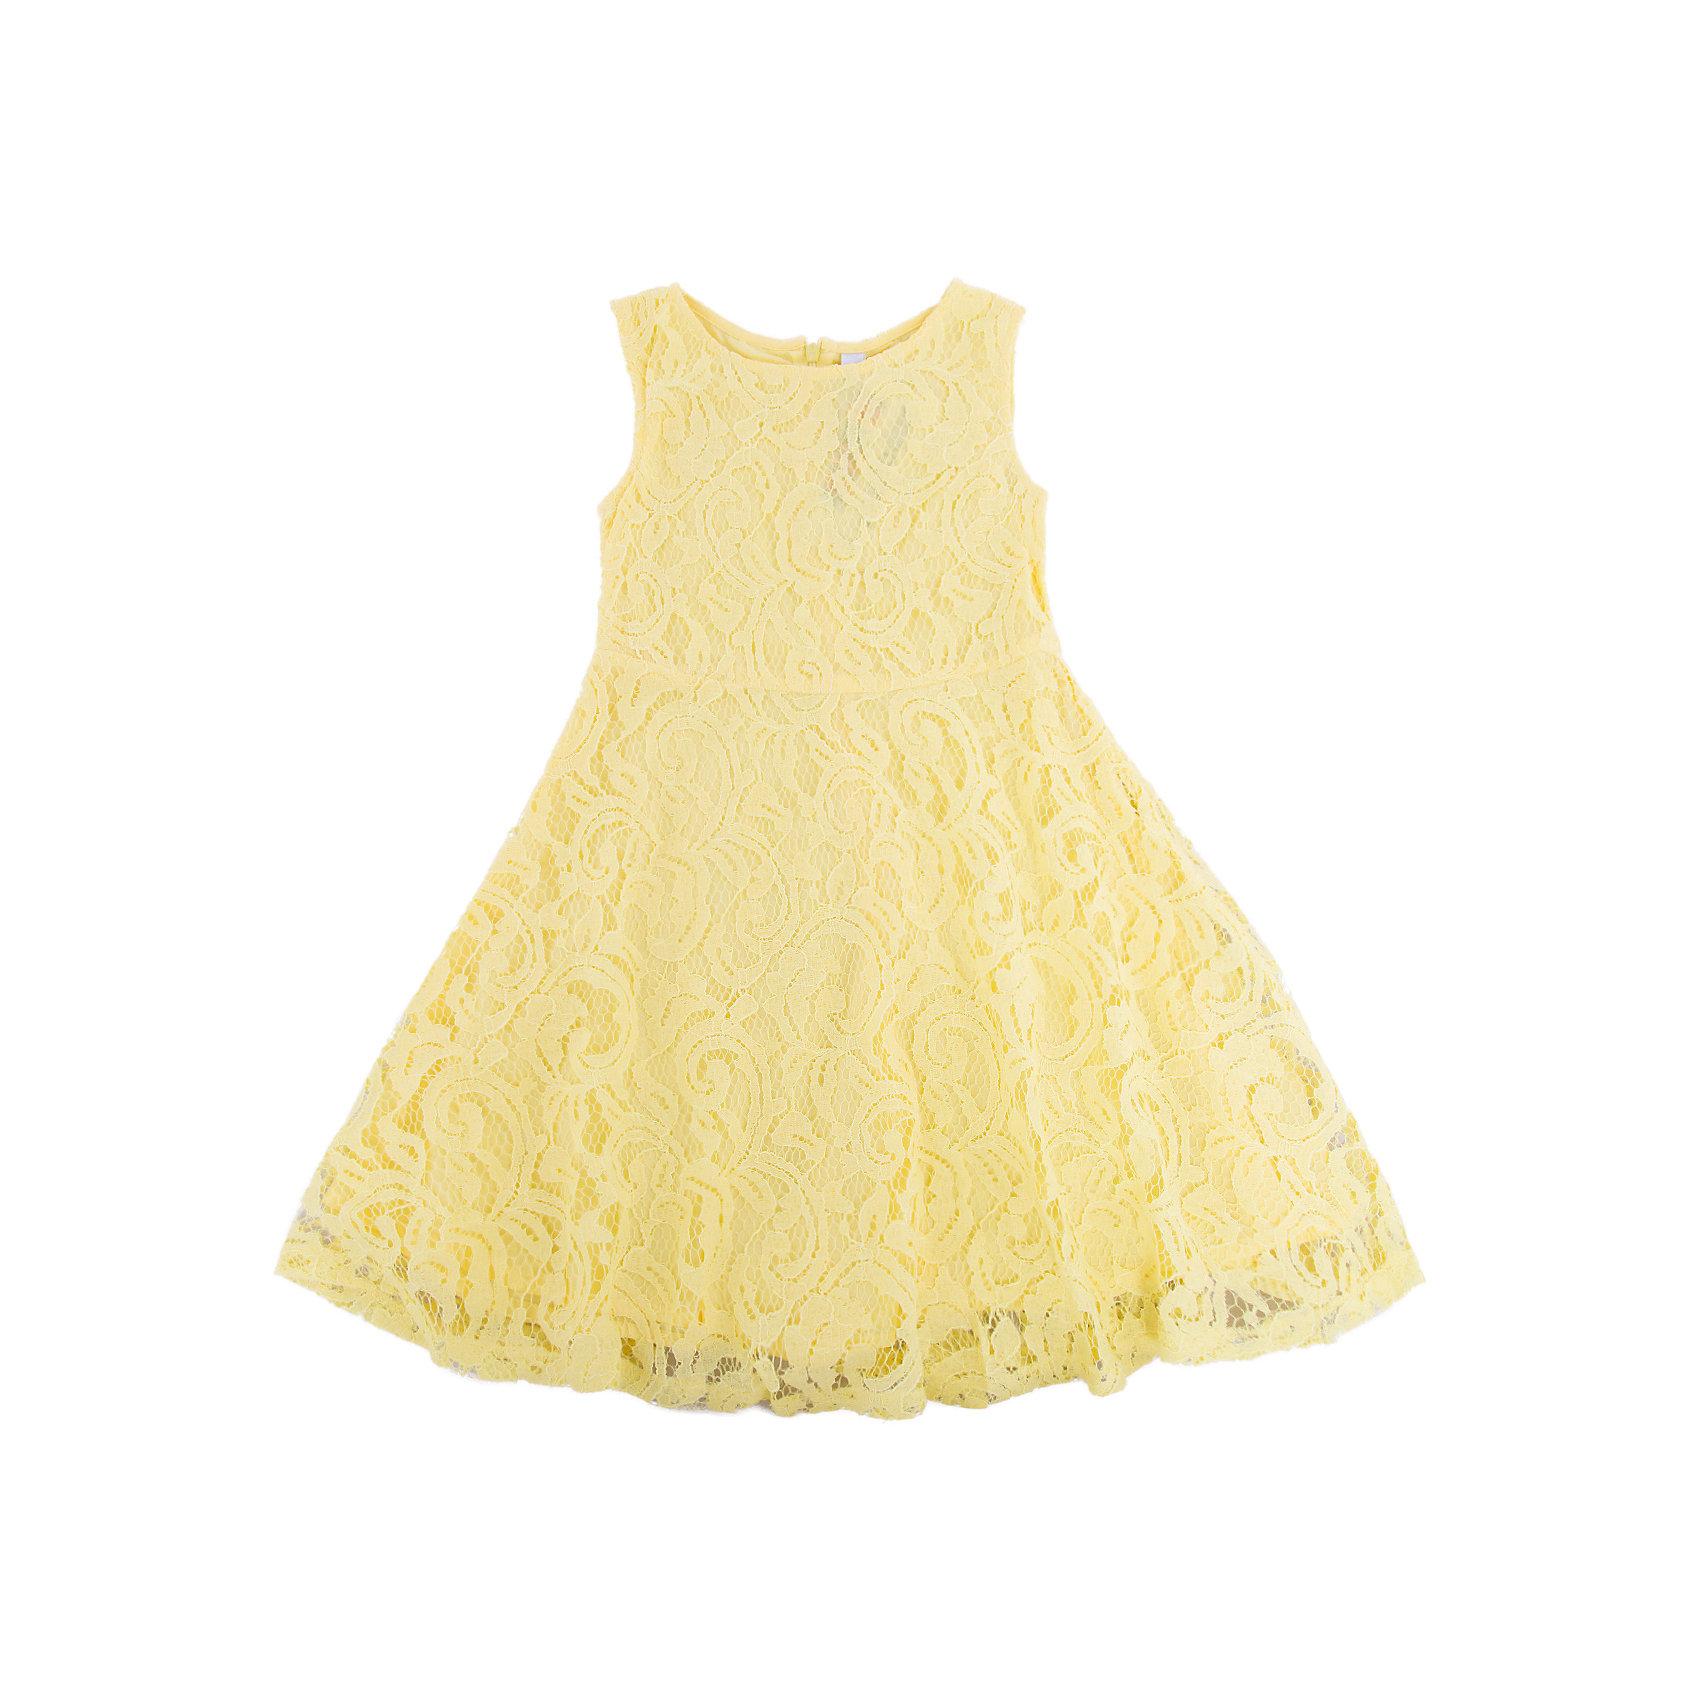 Платье для девочки PlayTodayЛетние платья и сарафаны<br>Характеристики товара:<br><br>• цвет: желтый<br>• состав: 80% хлопок, 20% полиамид; подкладка: 100% хлопок<br>• молния<br>• дышащий материал<br>• без рукавов<br>• мягкая обработка краев<br>• комфортная посадка<br>• коллекция: весна-лето 2017<br>• страна бренда: Германия<br>• страна производства: Китай<br><br>Популярный бренд PlayToday выпустил новую коллекцию! Вещи из неё продолжают радовать покупателей удобством, стильным дизайном и продуманным кроем. Дети носят их с удовольствием. PlayToday - это линейка товаров, созданная специально для детей. Дизайнеры учитывают новые веяния моды и потребности детей. Порадуйте ребенка обновкой от проверенного производителя!<br>Такая стильная модель обеспечит ребенку комфорт благодаря качественному материалу и продуманному крою. С помощью неё можно удобно одеться по погоде. Очень модная вещь! Симпатично выглядит и долго служит.<br><br>Платье для девочки от известного бренда PlayToday можно купить в нашем интернет-магазине.<br><br>Ширина мм: 236<br>Глубина мм: 16<br>Высота мм: 184<br>Вес г: 177<br>Цвет: желтый<br>Возраст от месяцев: 72<br>Возраст до месяцев: 84<br>Пол: Женский<br>Возраст: Детский<br>Размер: 122,128,98,104,110,116<br>SKU: 5404293